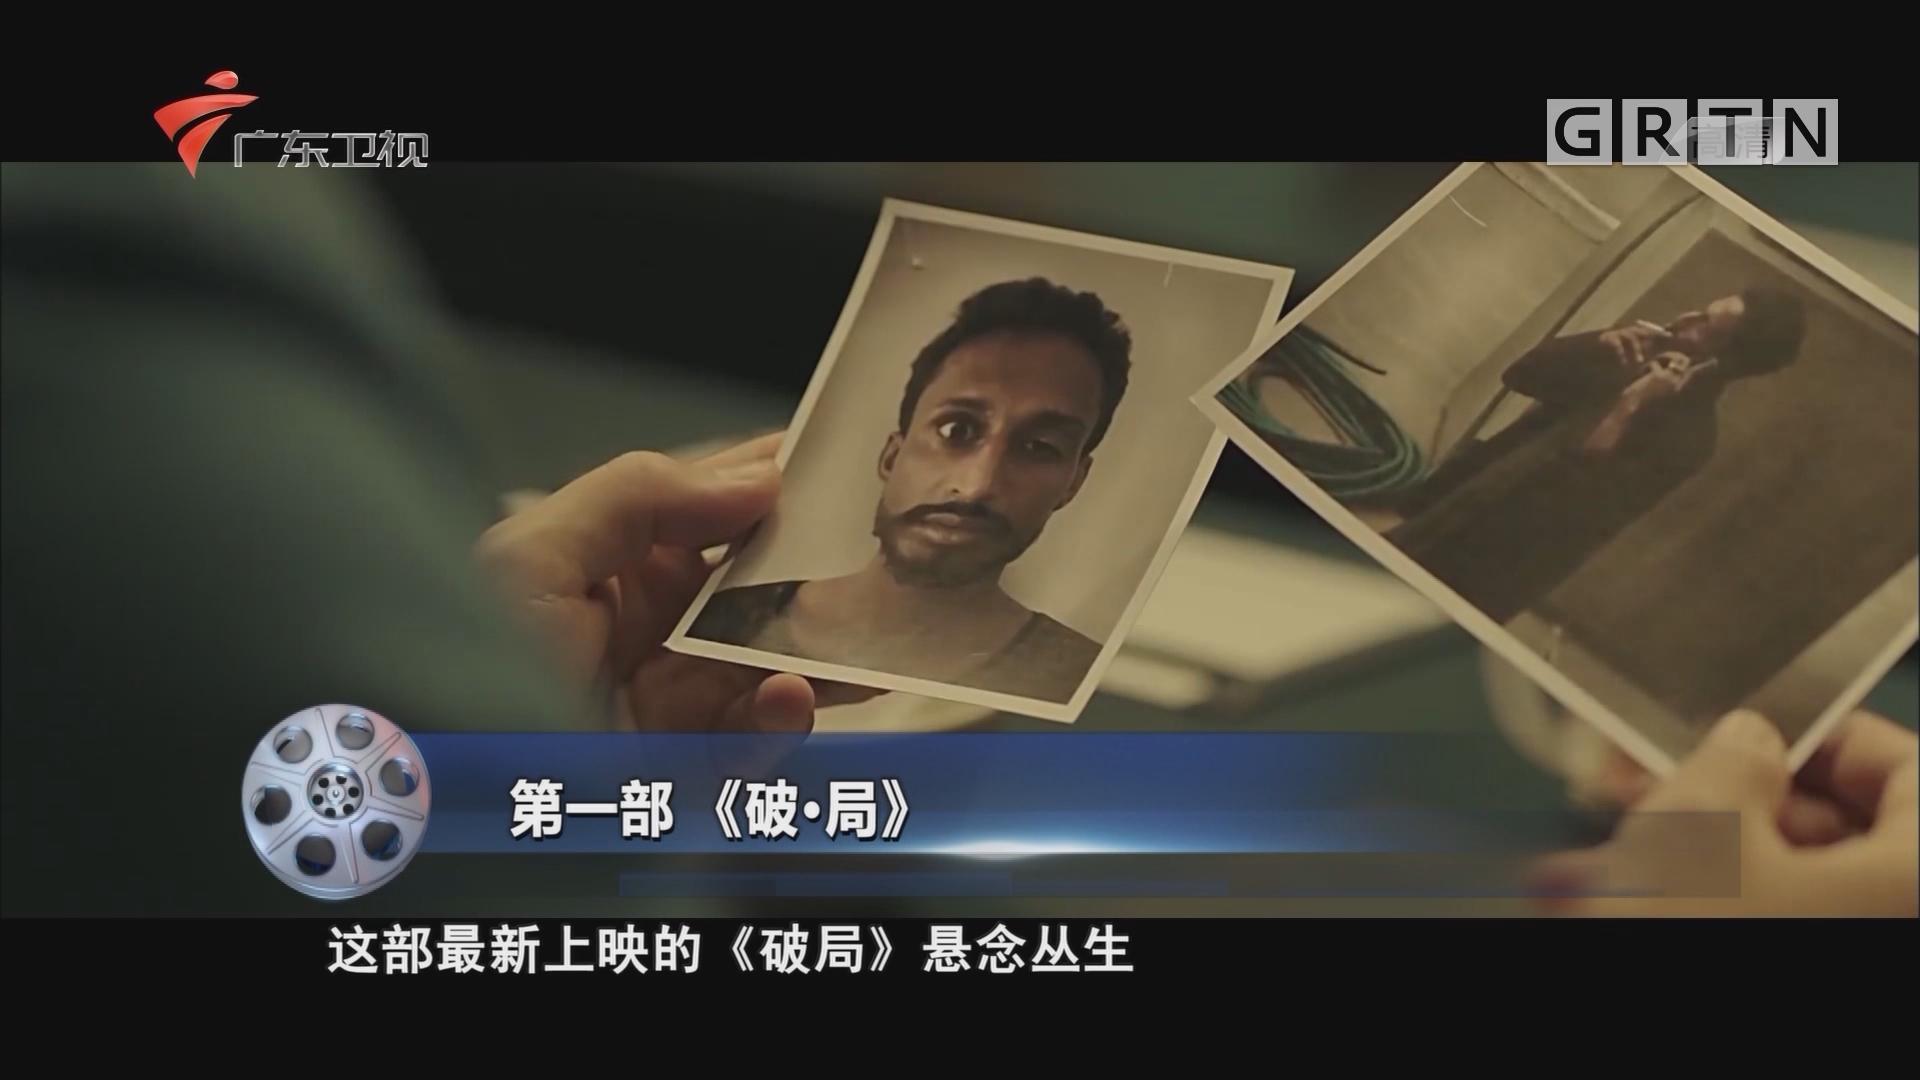 本周精彩电影推荐